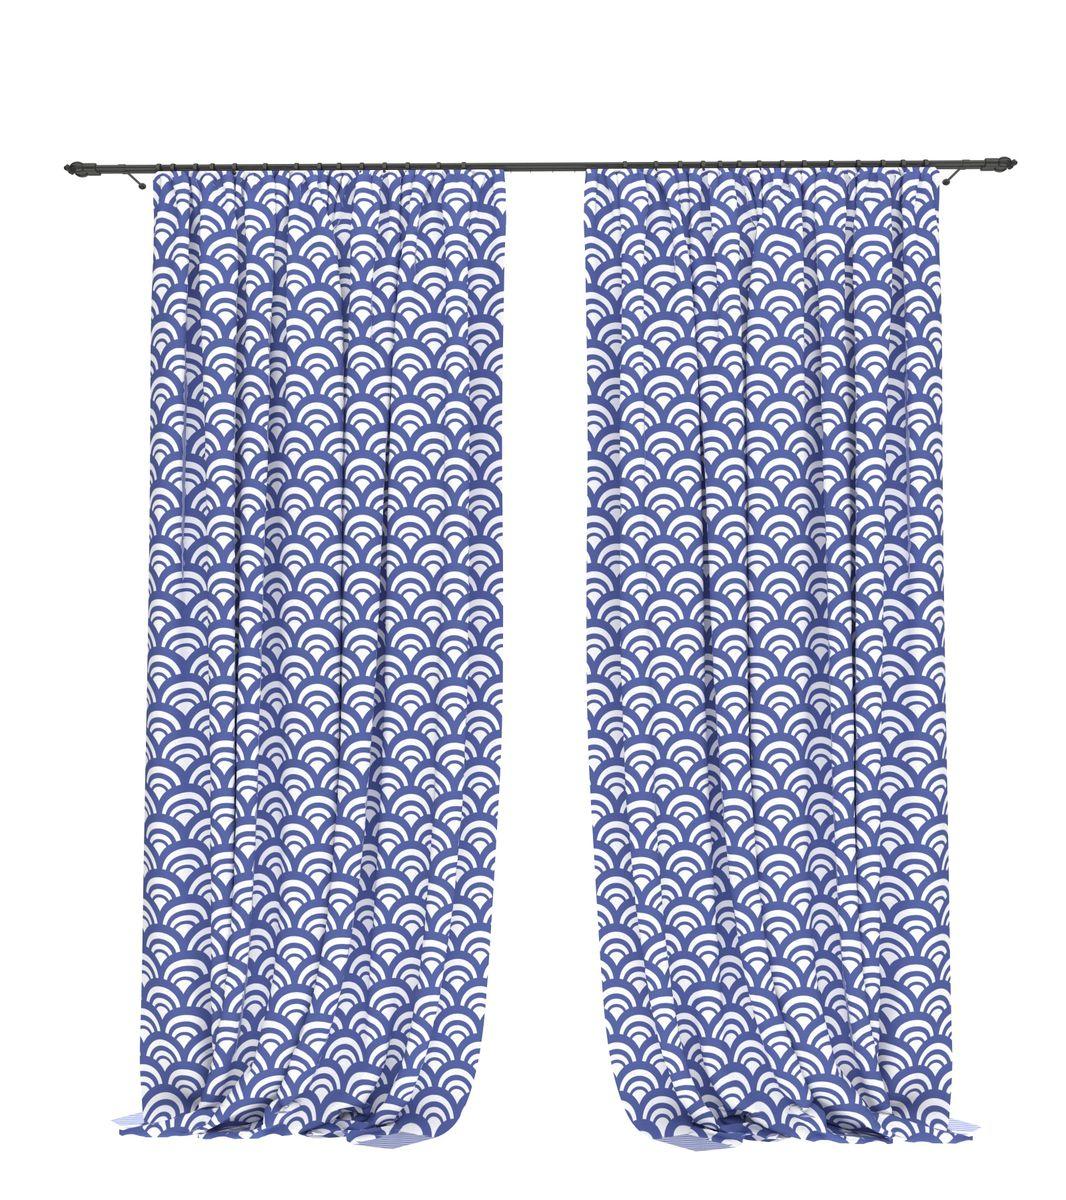 Комплект фотоштор Bellino Home Лепорио, высота 260 см. 05692-ФШ-ГБ-001шсг_10439Комплект фотоштор BELLINO HOME. Коллекция Китай является стилевым направлением,получившим свое развитие как ветвь стиля рококо. Шинуазри- один из видов ориентализма. Этот стиль начал набирать популярность в начале ХХ века, когда возник спрос на ар-деко. Стиль шинуазри органично впишется в любой интерьер, так как он представляет собой не оригинальный китайский стиль, а скоре европейское представление о Китае. Тема вариации, свобода от условностей, Ваш экспромт от BELLINO HOME. Крепление на карниз при помощи шторной ленты на крючки.В комплекте: Портьера: 2 шт. Размер (ШхВ): 145 см х 260 см. Рекомендации по уходу: стирка при 30 градусах гладить при температуре до 150 градусов Изображение на мониторе может немного отличаться от реального.